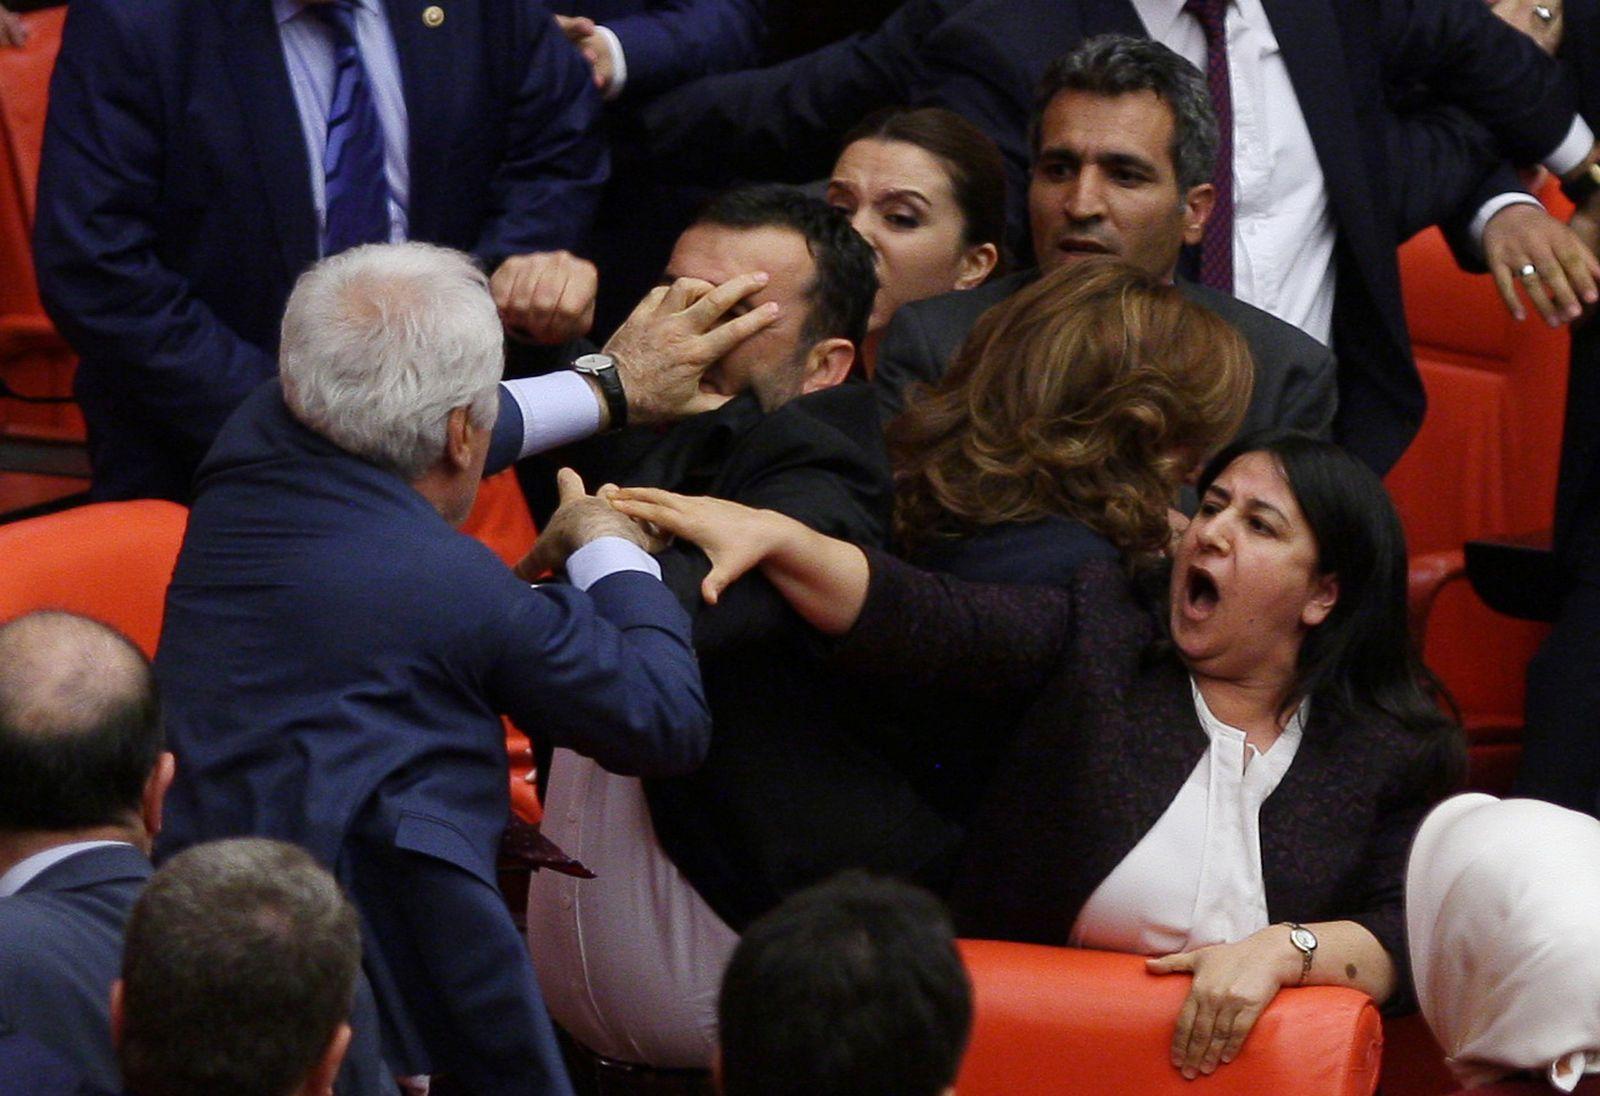 EINMALIGE VERWENDUNG VIDEOTEASER EUROPE-MIGRANTS/TURKEY-POLITICS